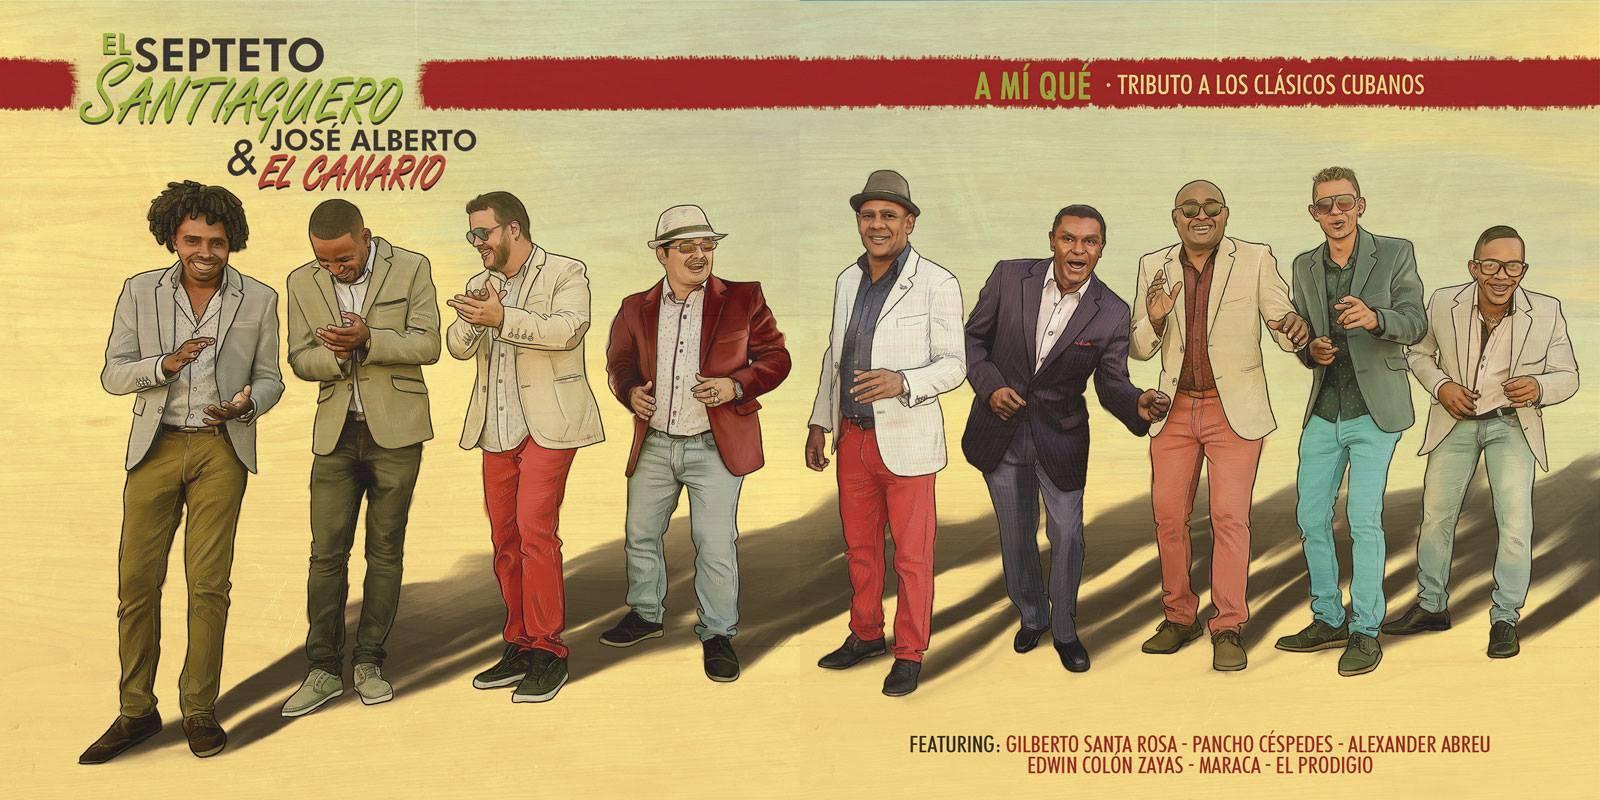 Foto: Página Oficial del Septeto Santiaguero